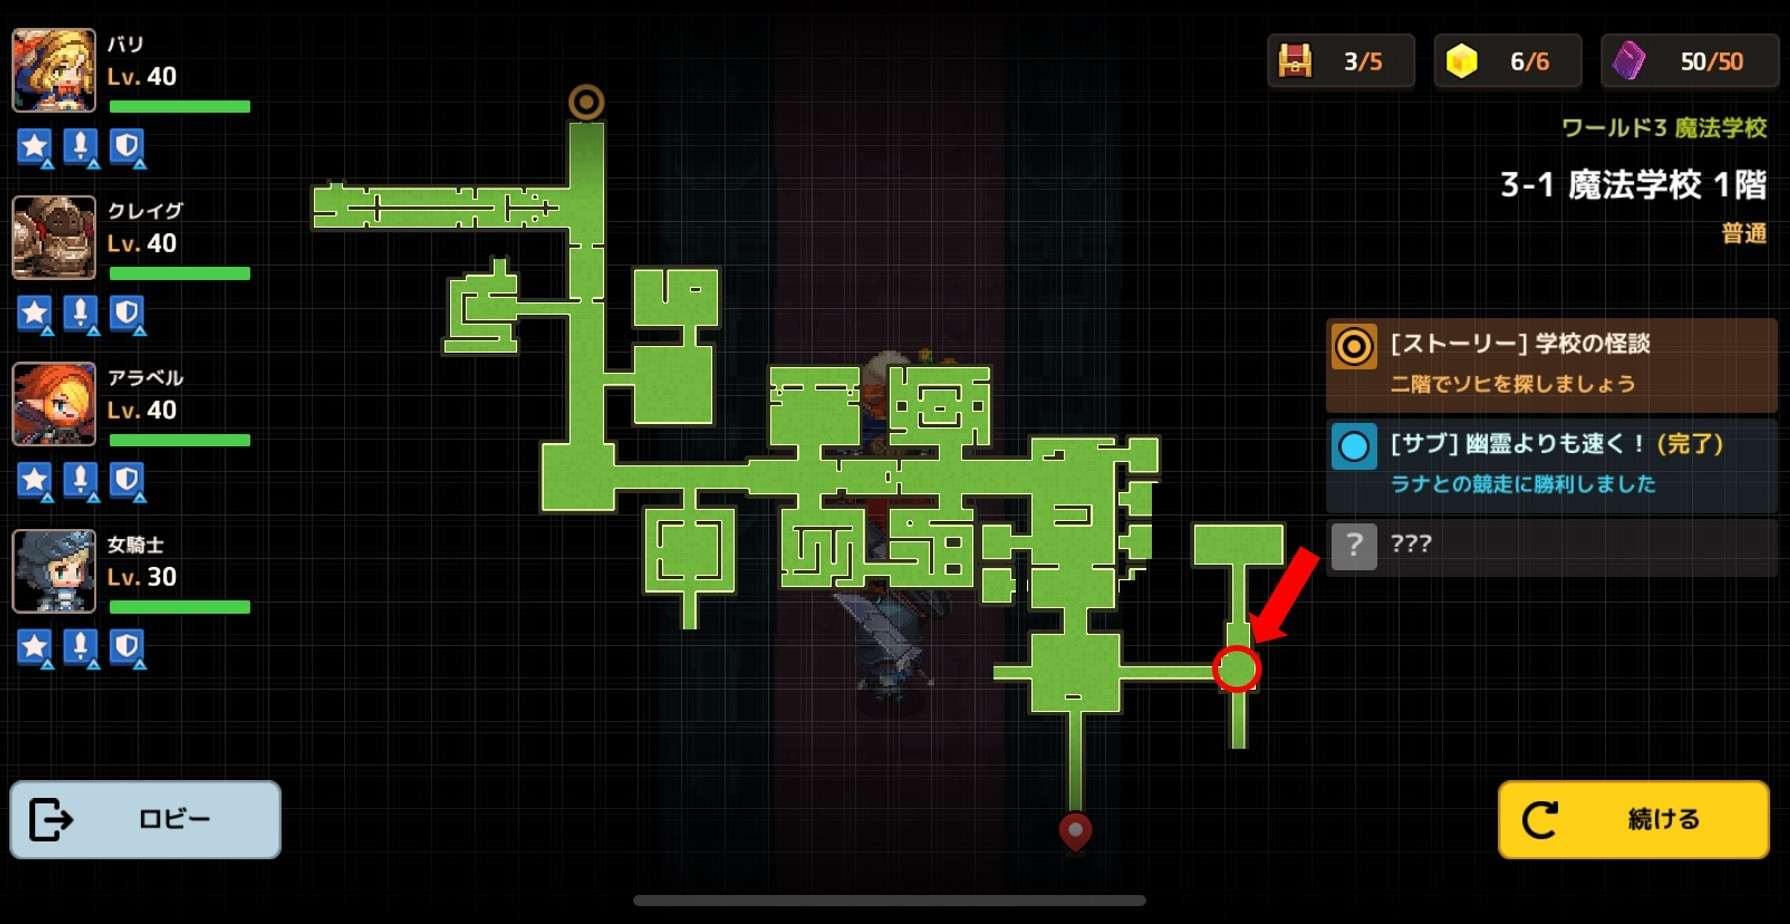 マップ22